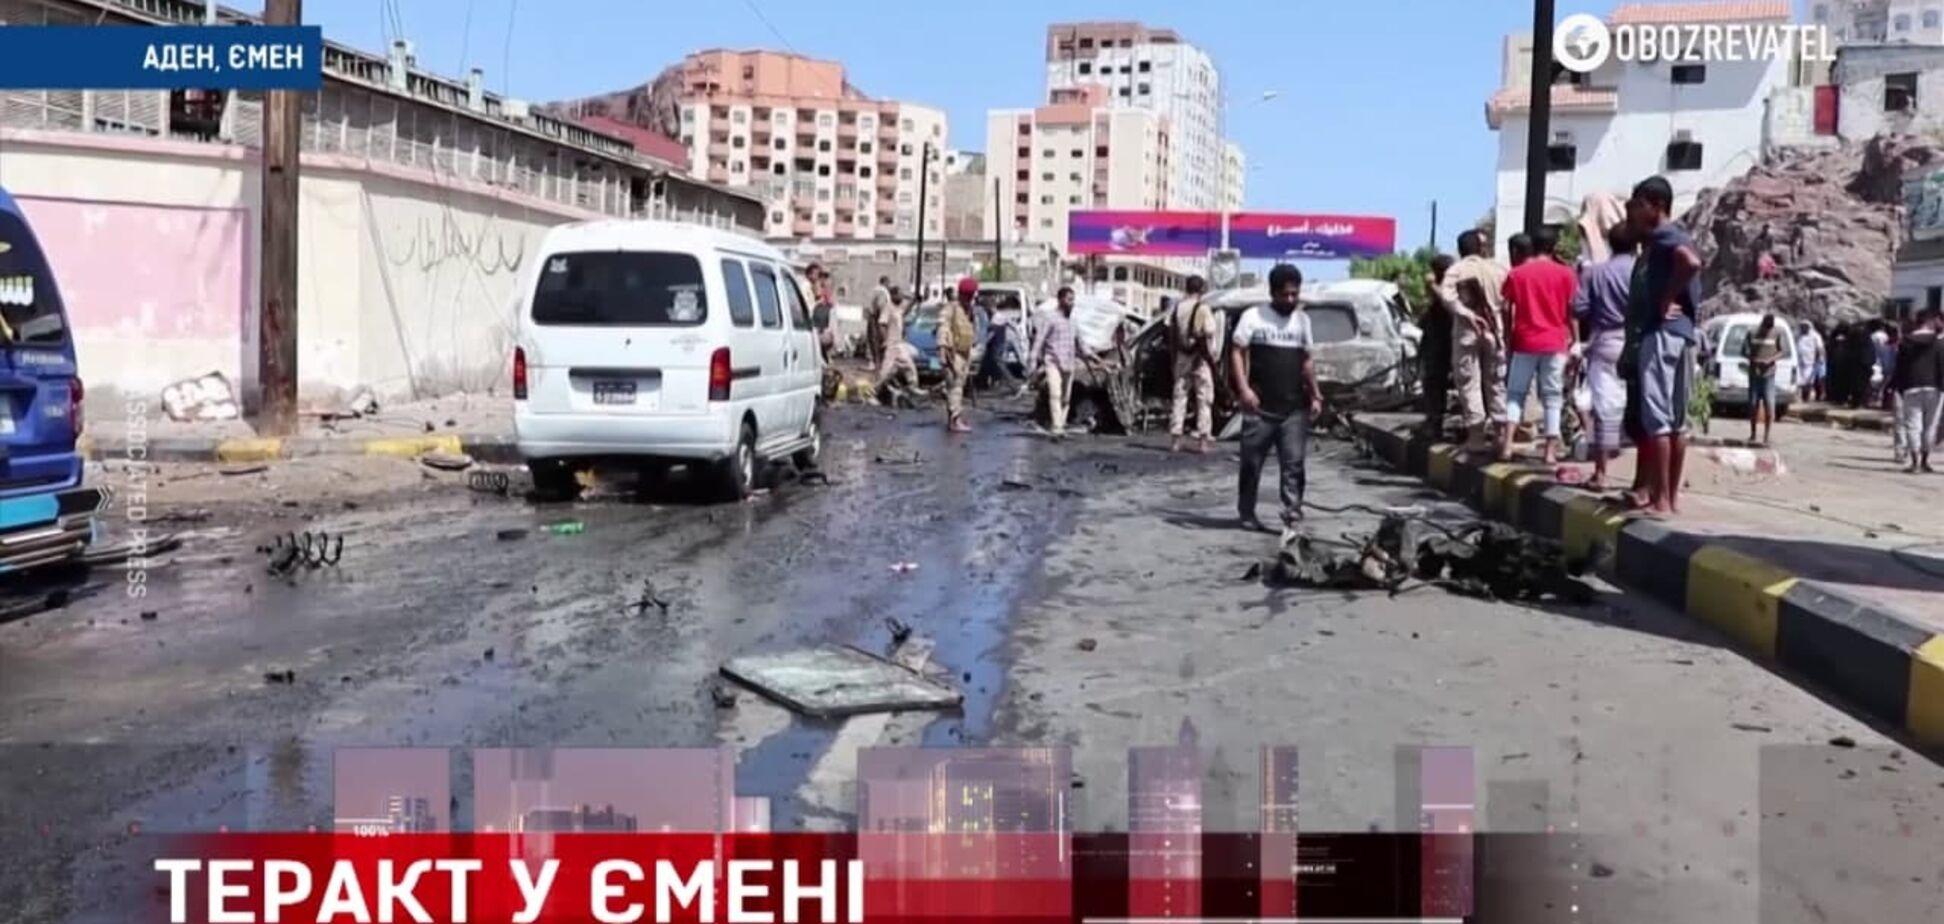 Авиакатастрофа в России, теракт в Йемене, отставка канцлера Австрии и ситуация в Афганистане – дайджест международных событий